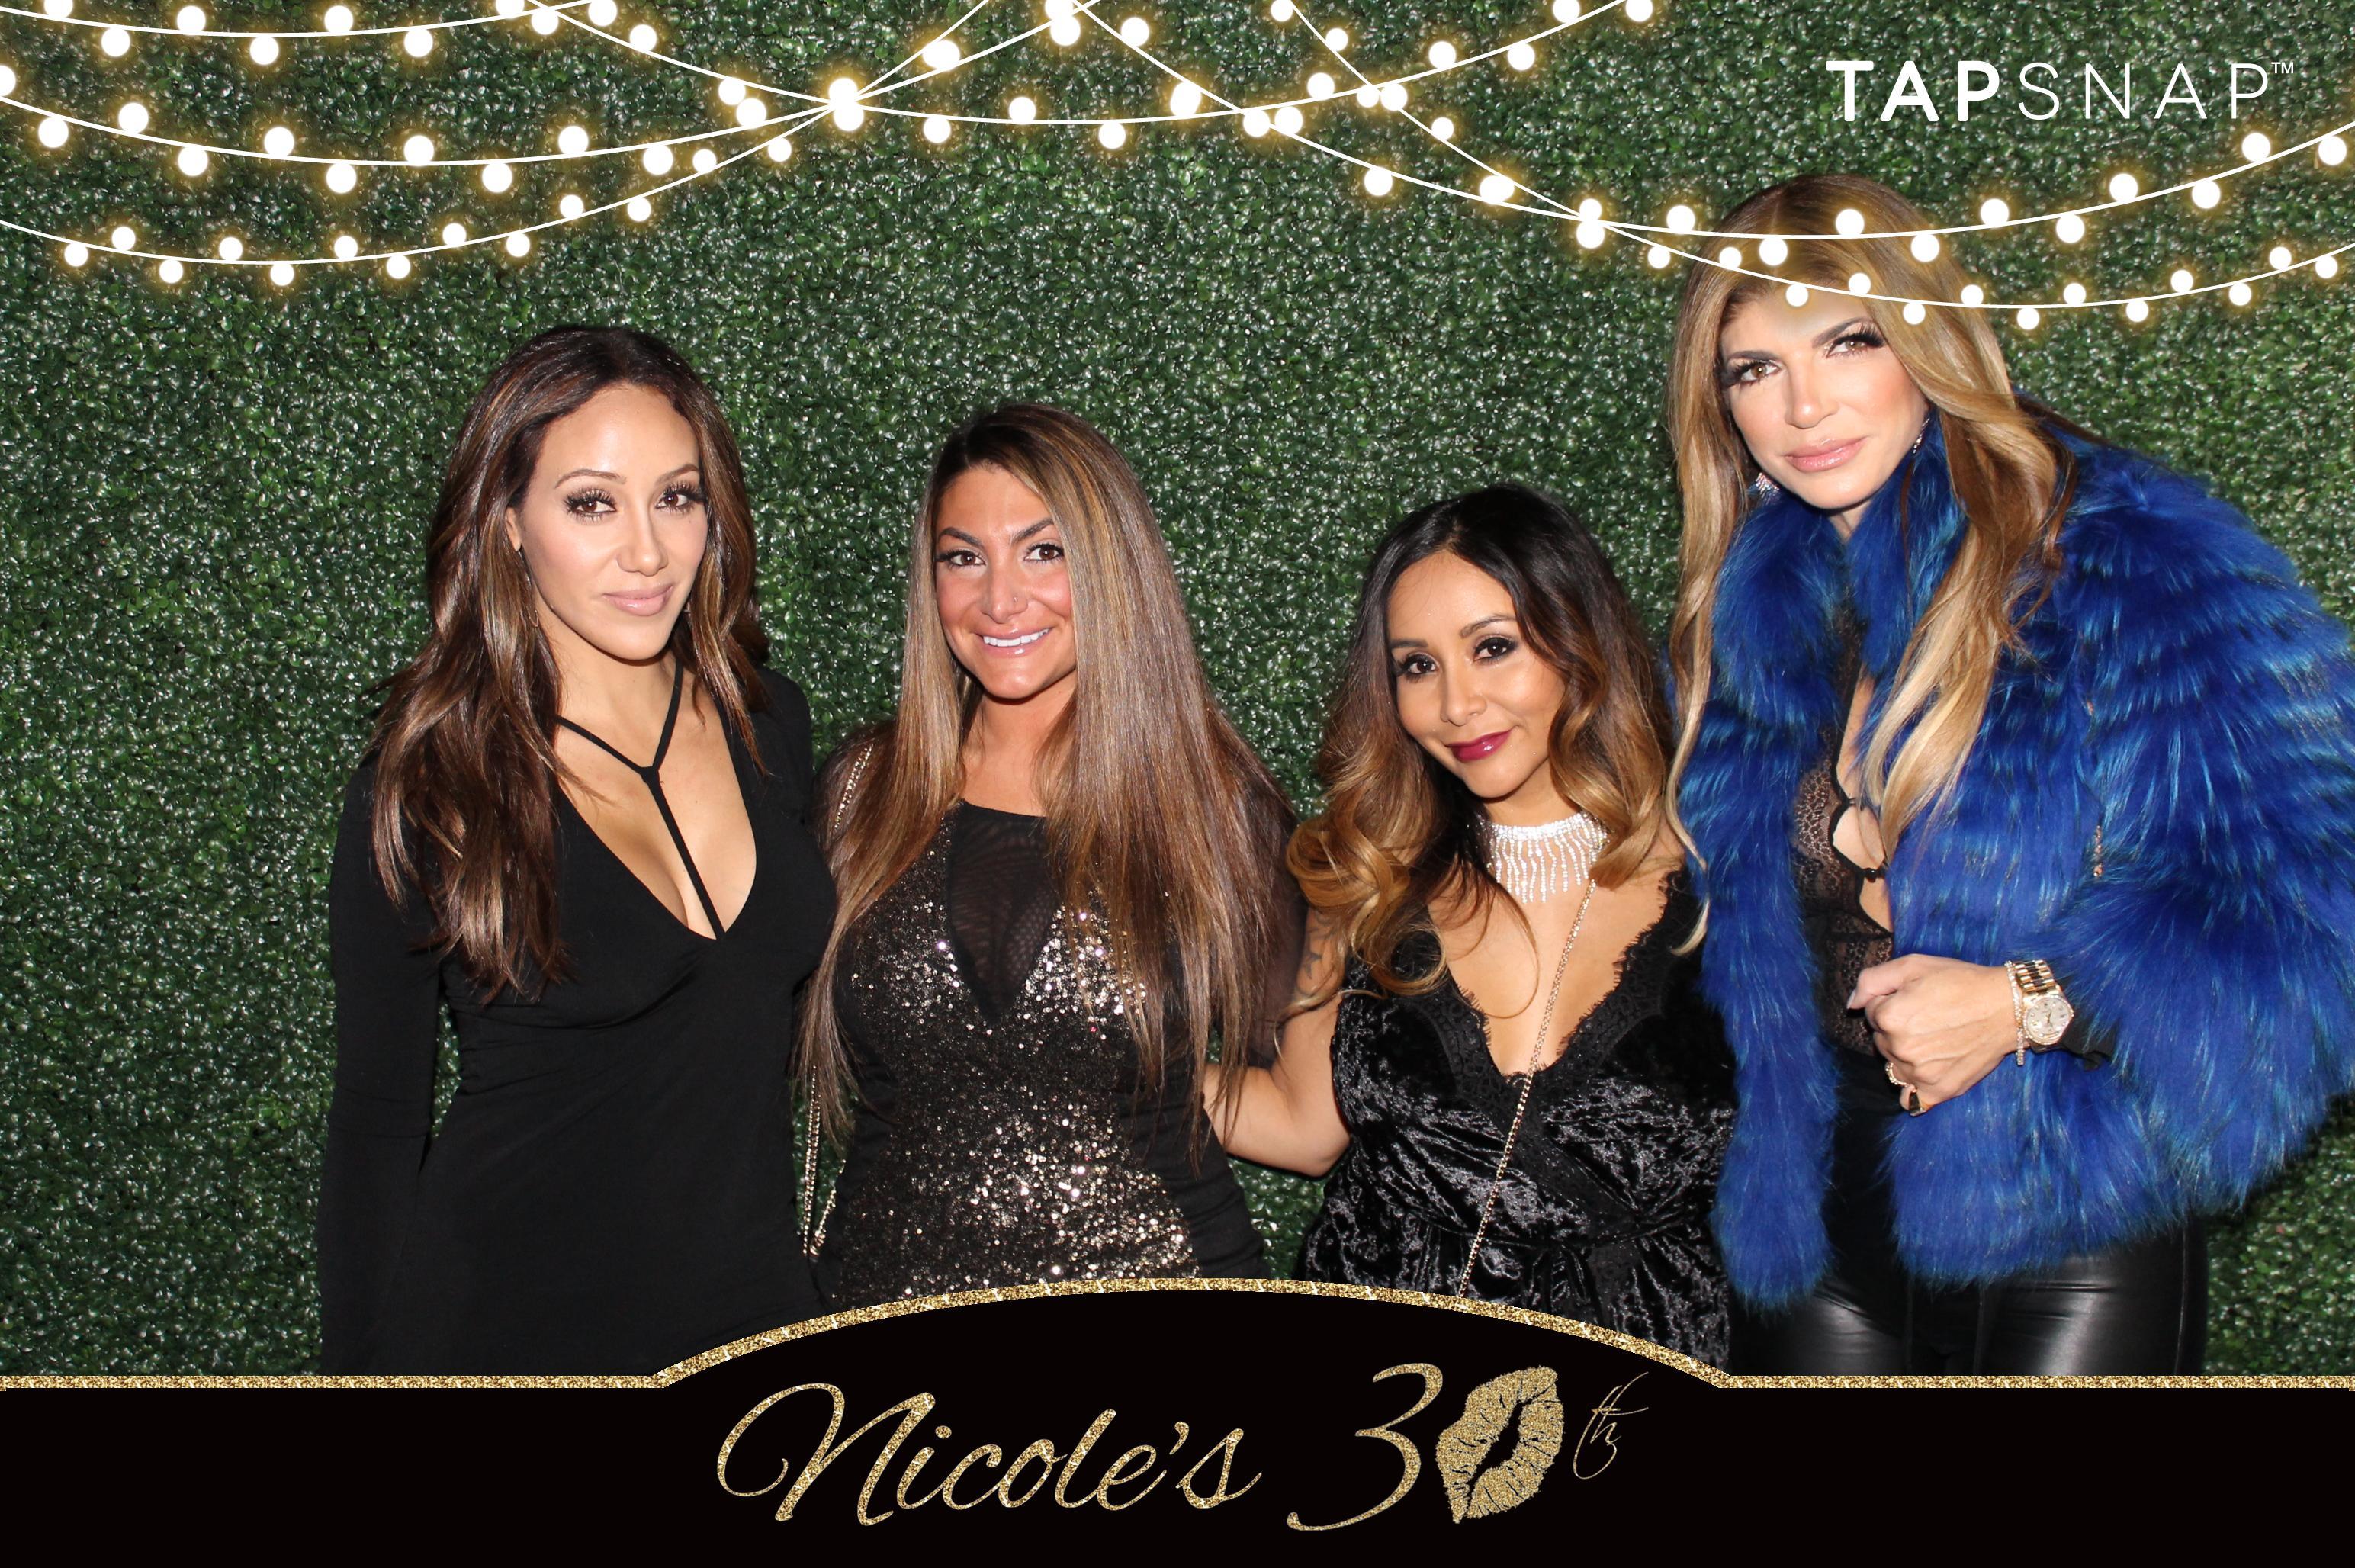 Melissa, Deena, Snooki, and Teresa using TapSnap